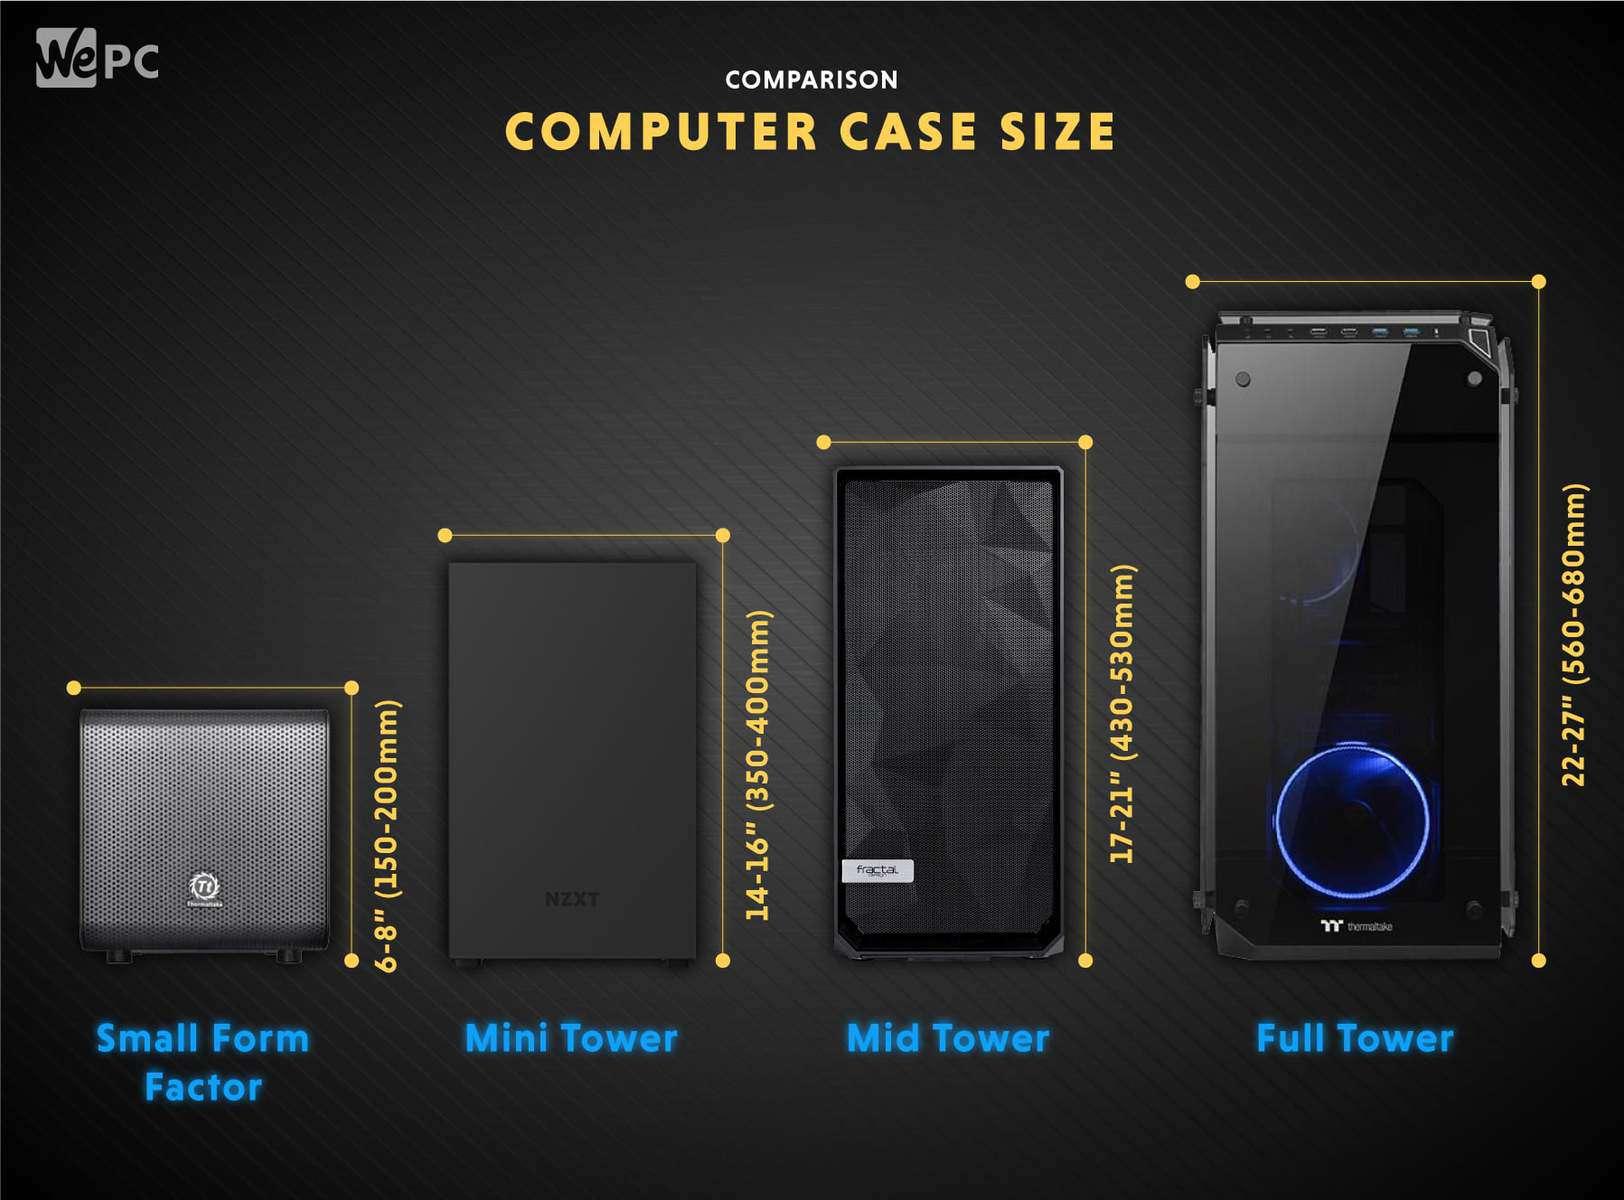 Computer Case Size Comparison